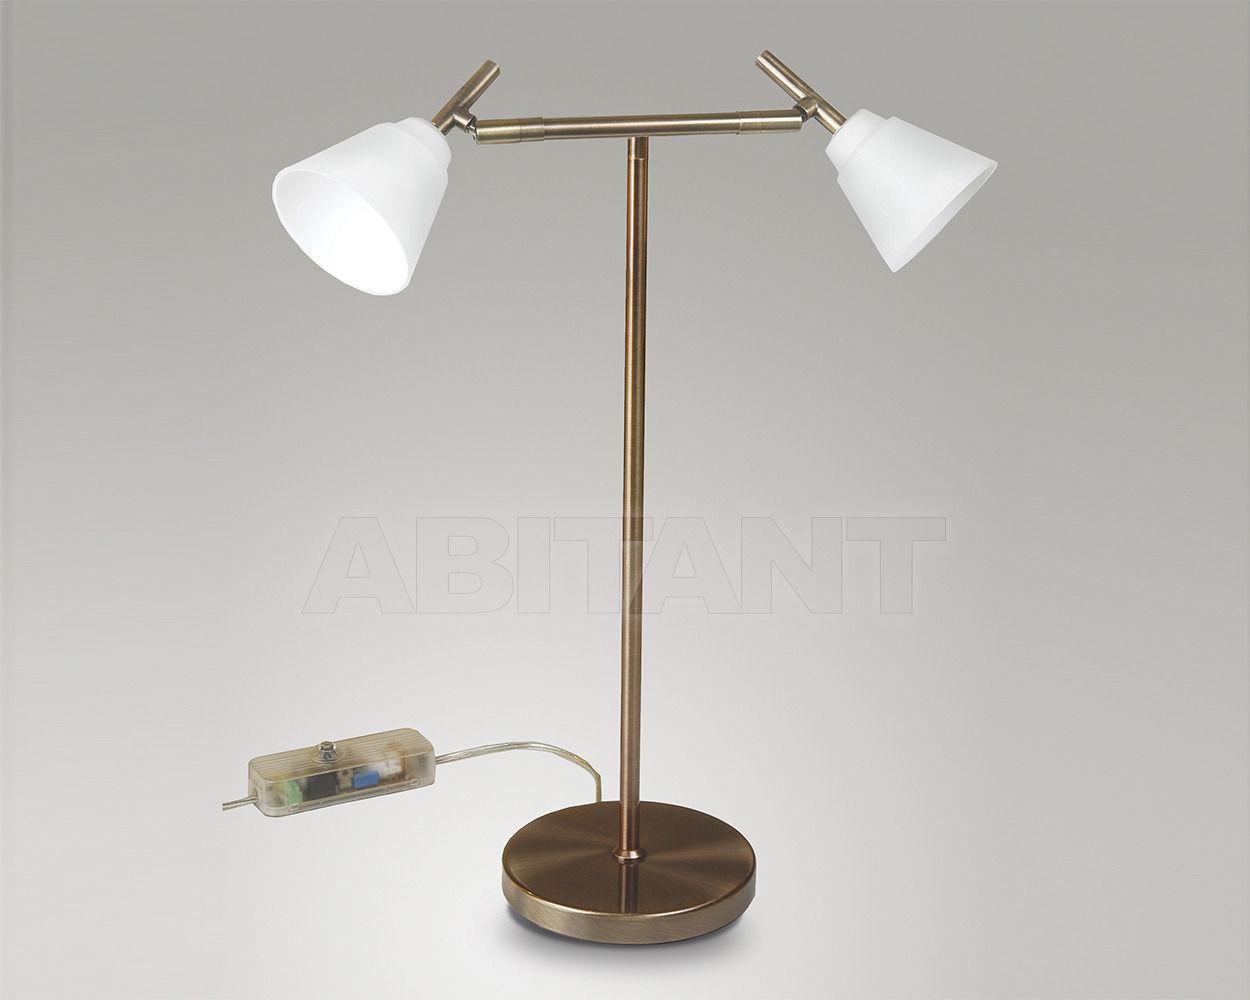 Купить Светильник-спот Linea Verdace 2012 LV 71011/B